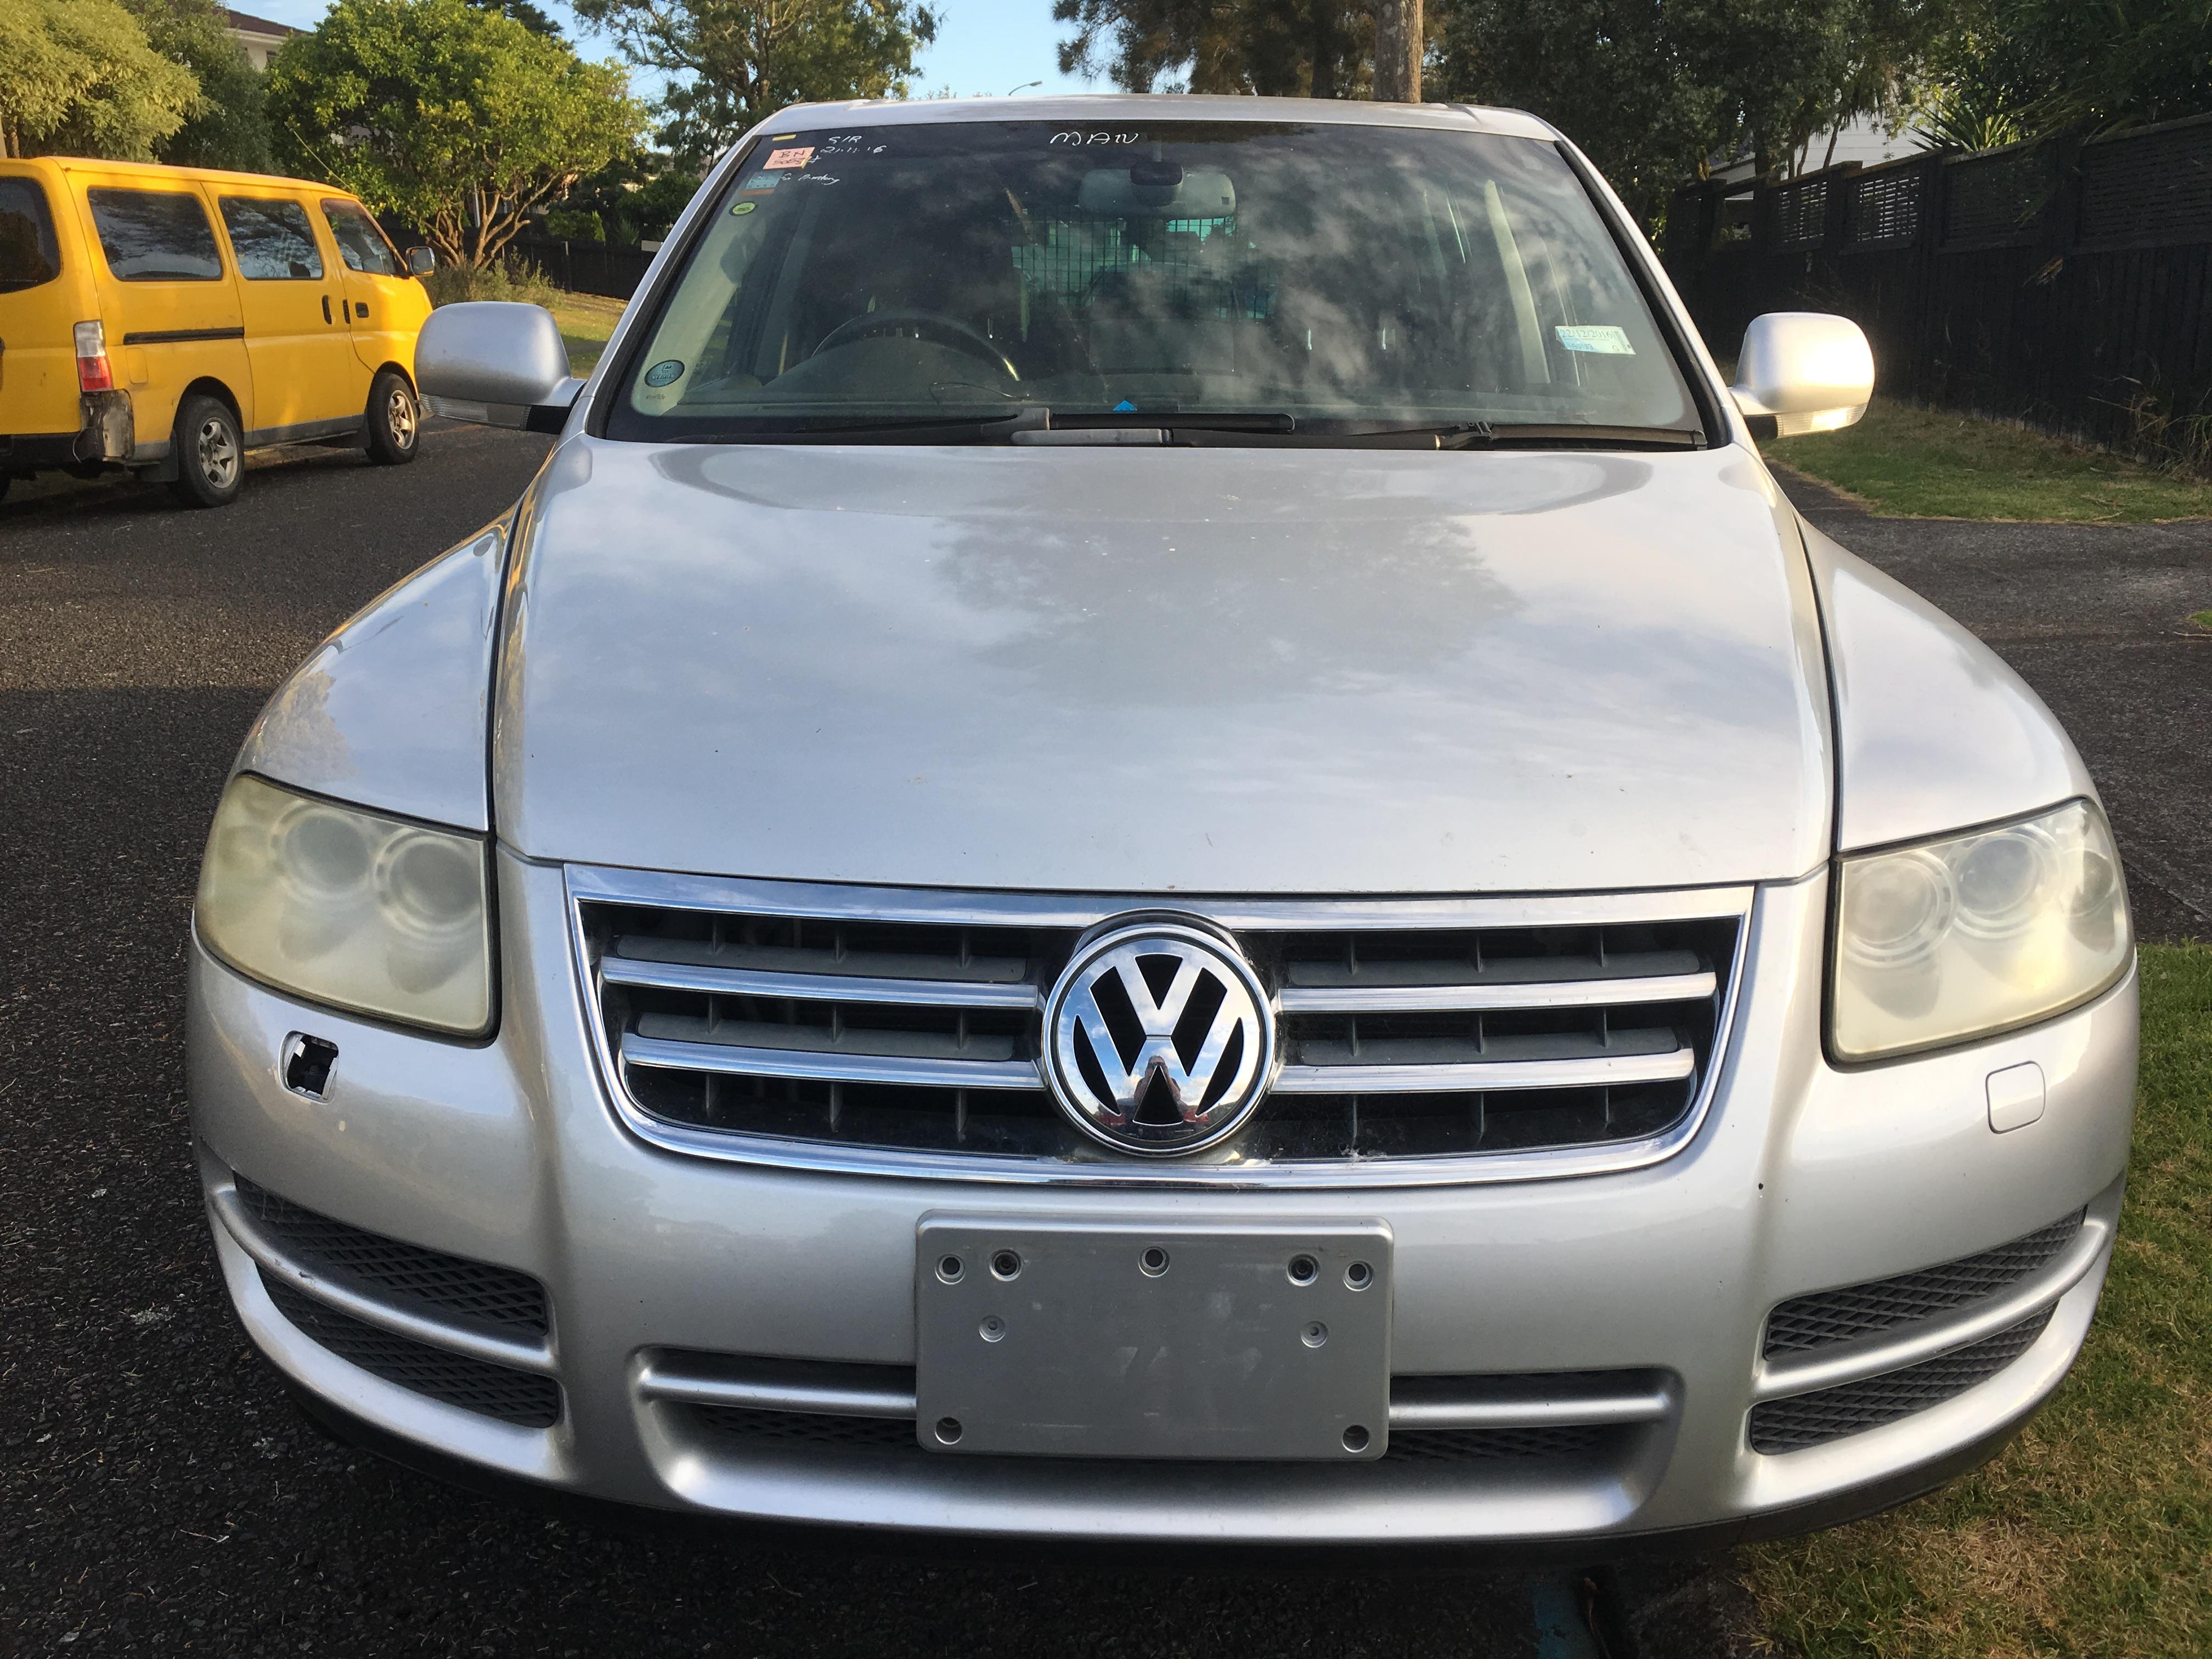 VW Touareg 2004 4.2 V8